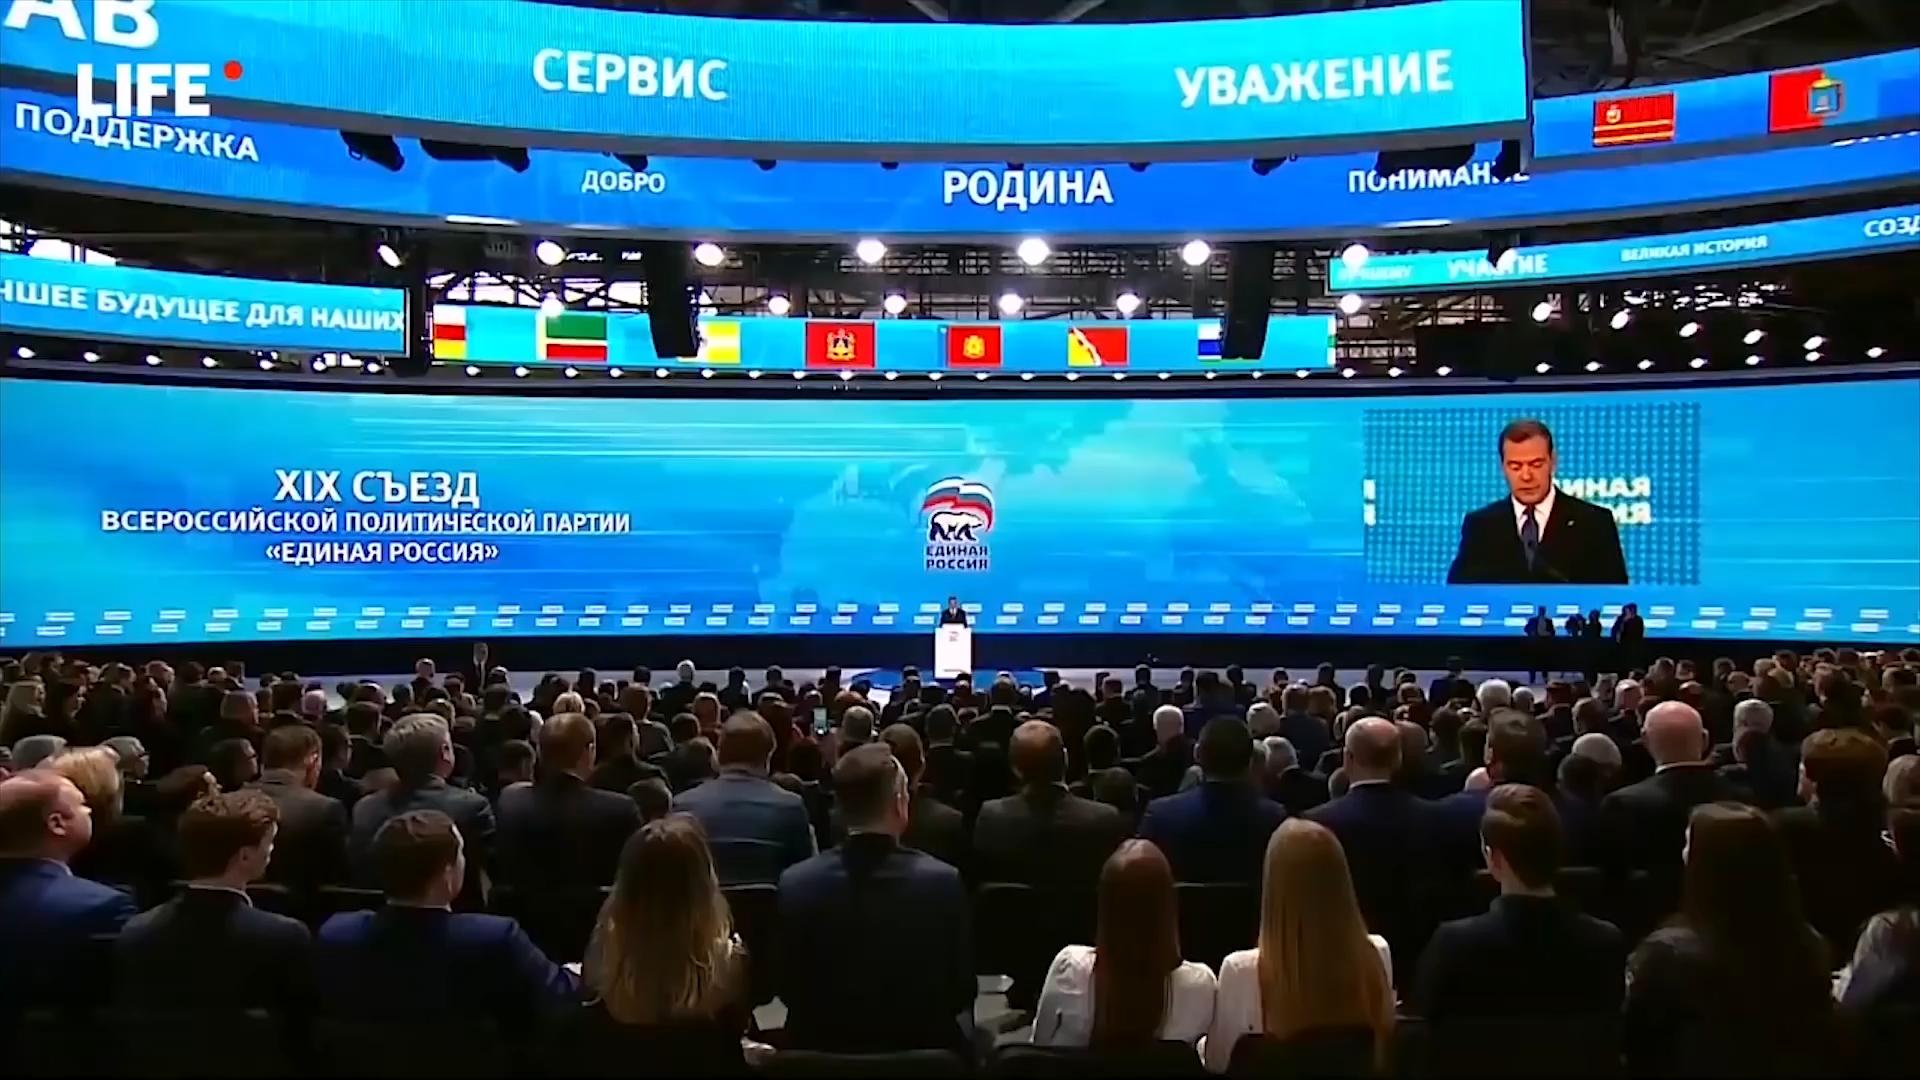 09-Популисты, патриоты и предатели. Все о съезде «Единой России»